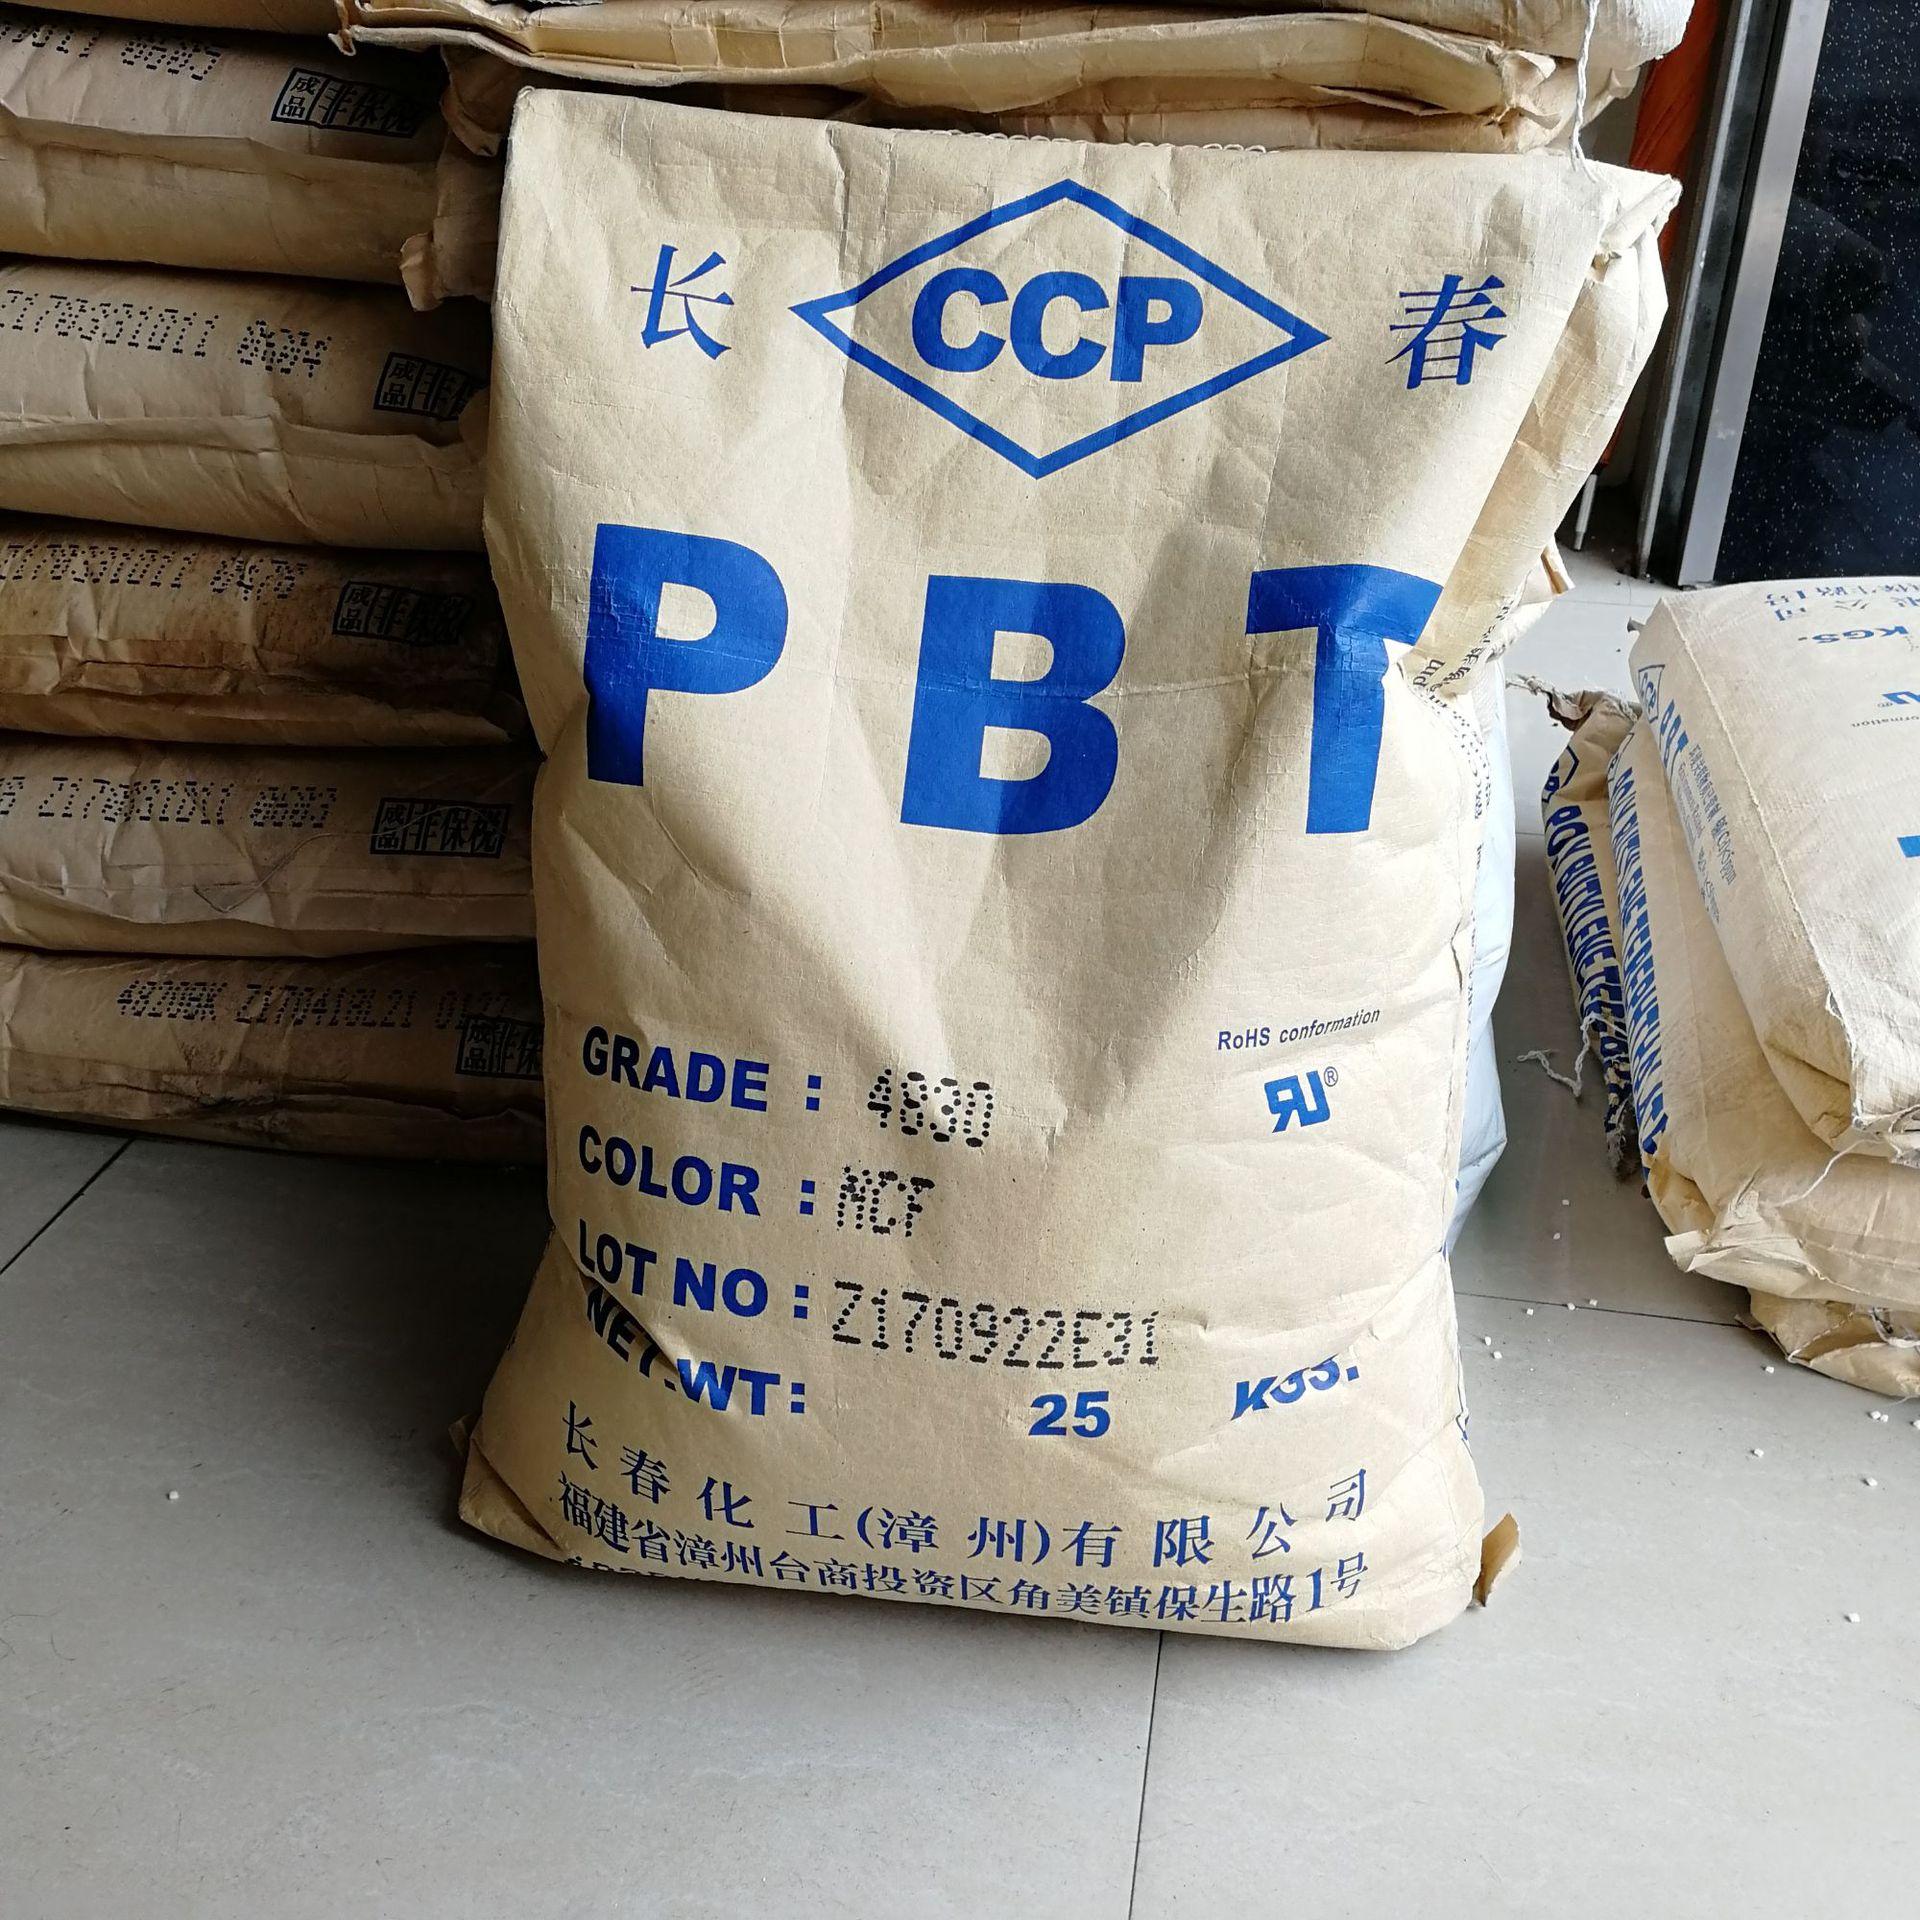 本色PBT/台湾长春/5115 增强级阻燃V0 改性pbt5115工程塑料